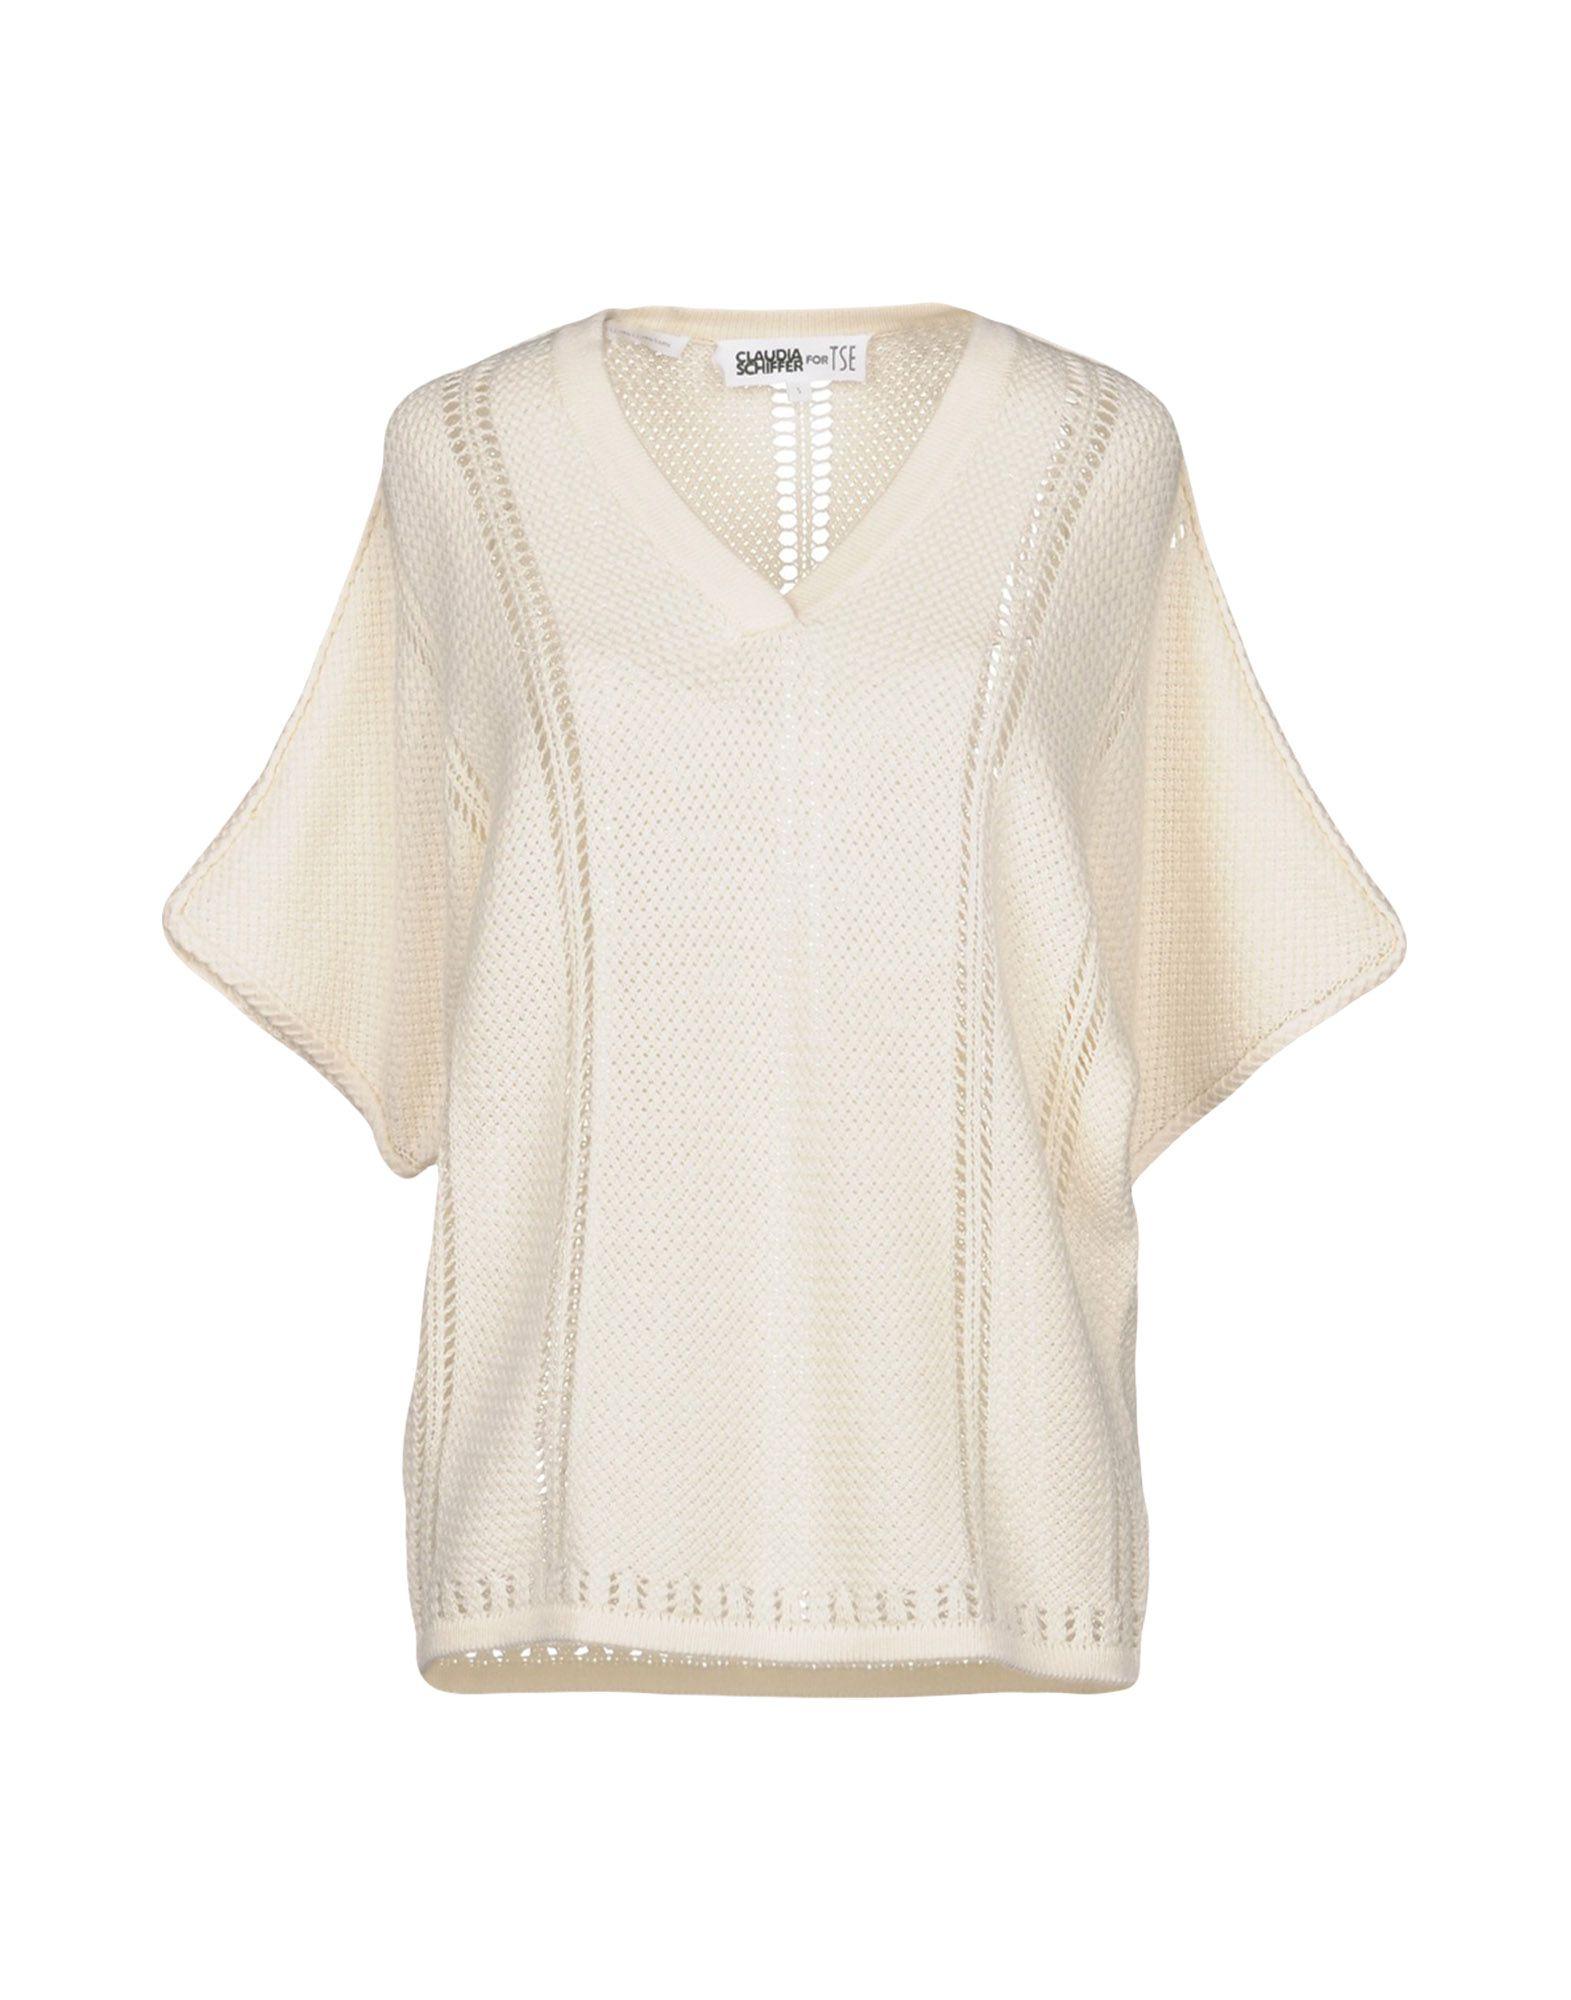 TSE Sweater in Ivory